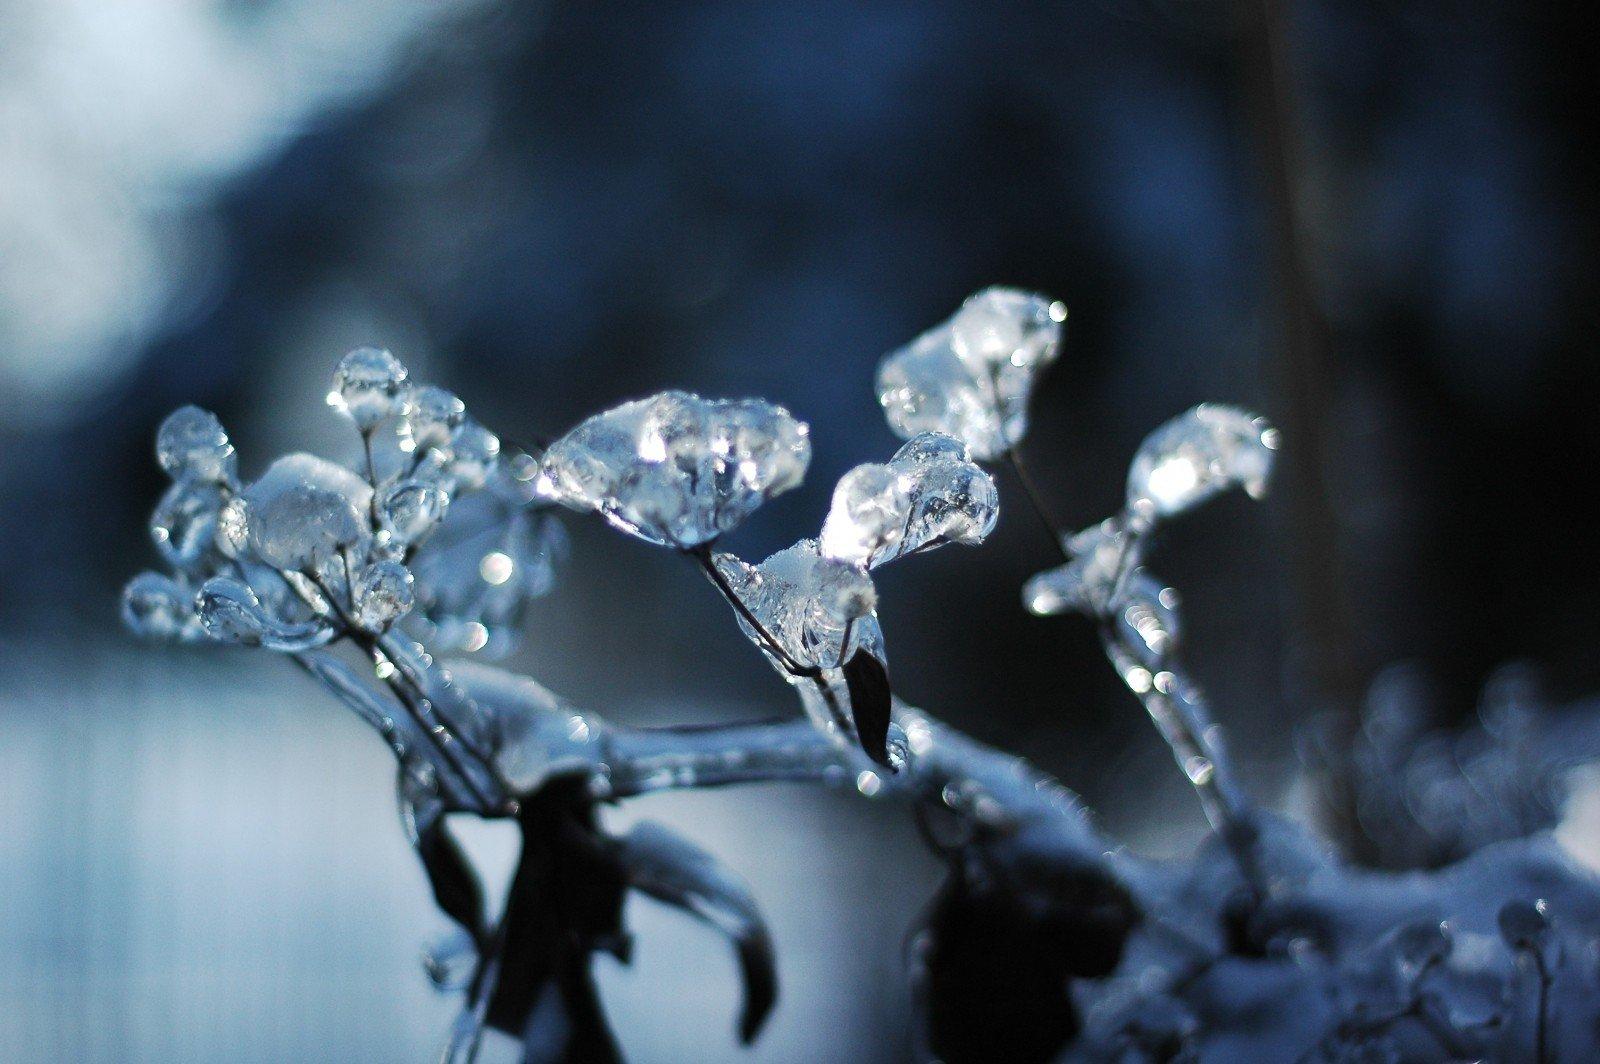 Astuces_Echauffement_froid_marche nordique